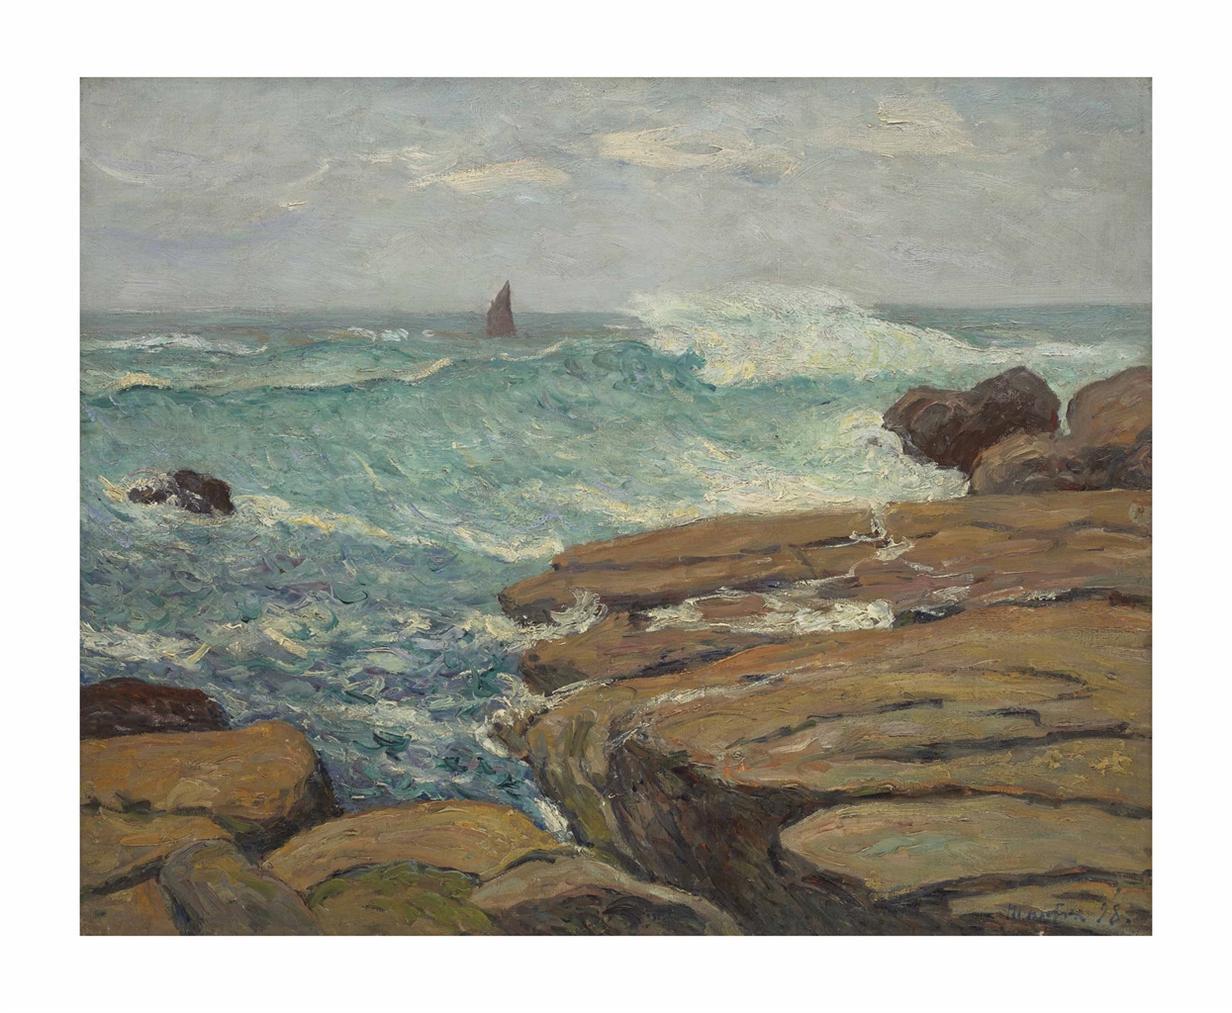 Maxime Maufra-La Vague Echevelee, Saint-Guenole, Penmarch-1898